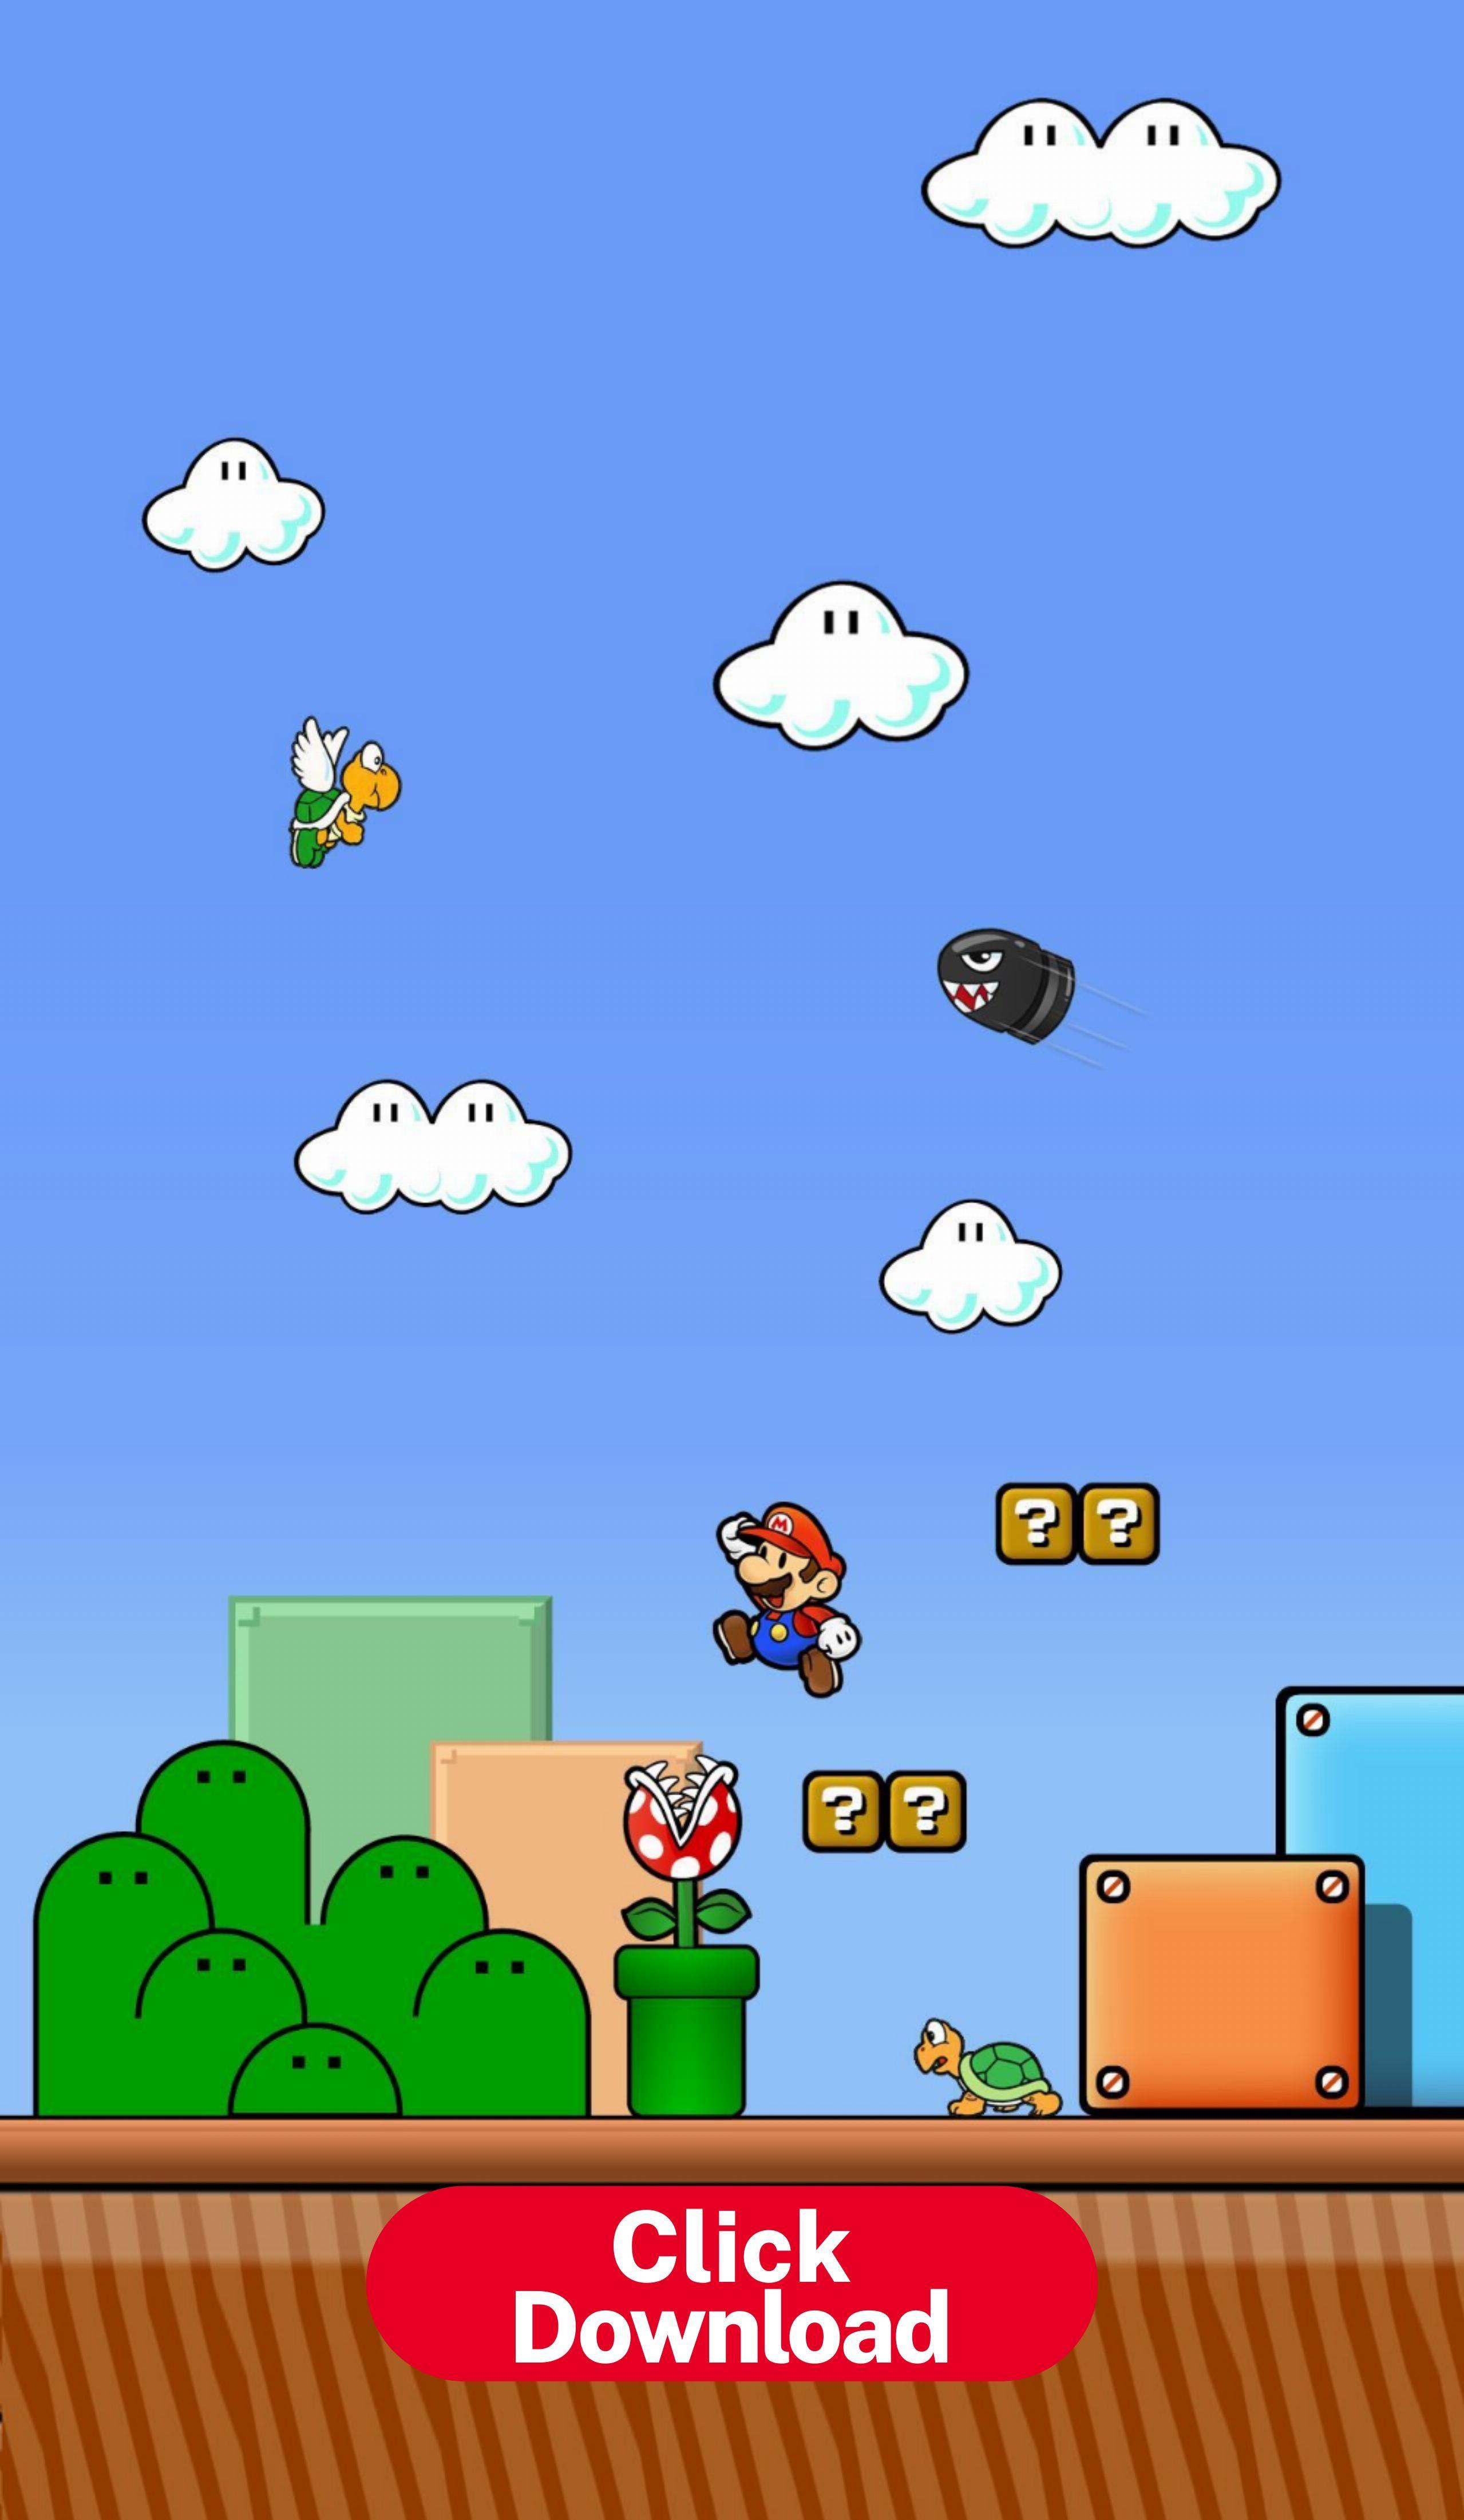 Super Mario Bros 3 Wallpapers Top Free Super Mario Bros 3 Super Mario World Mario Bros Fondos Fondos De Mario